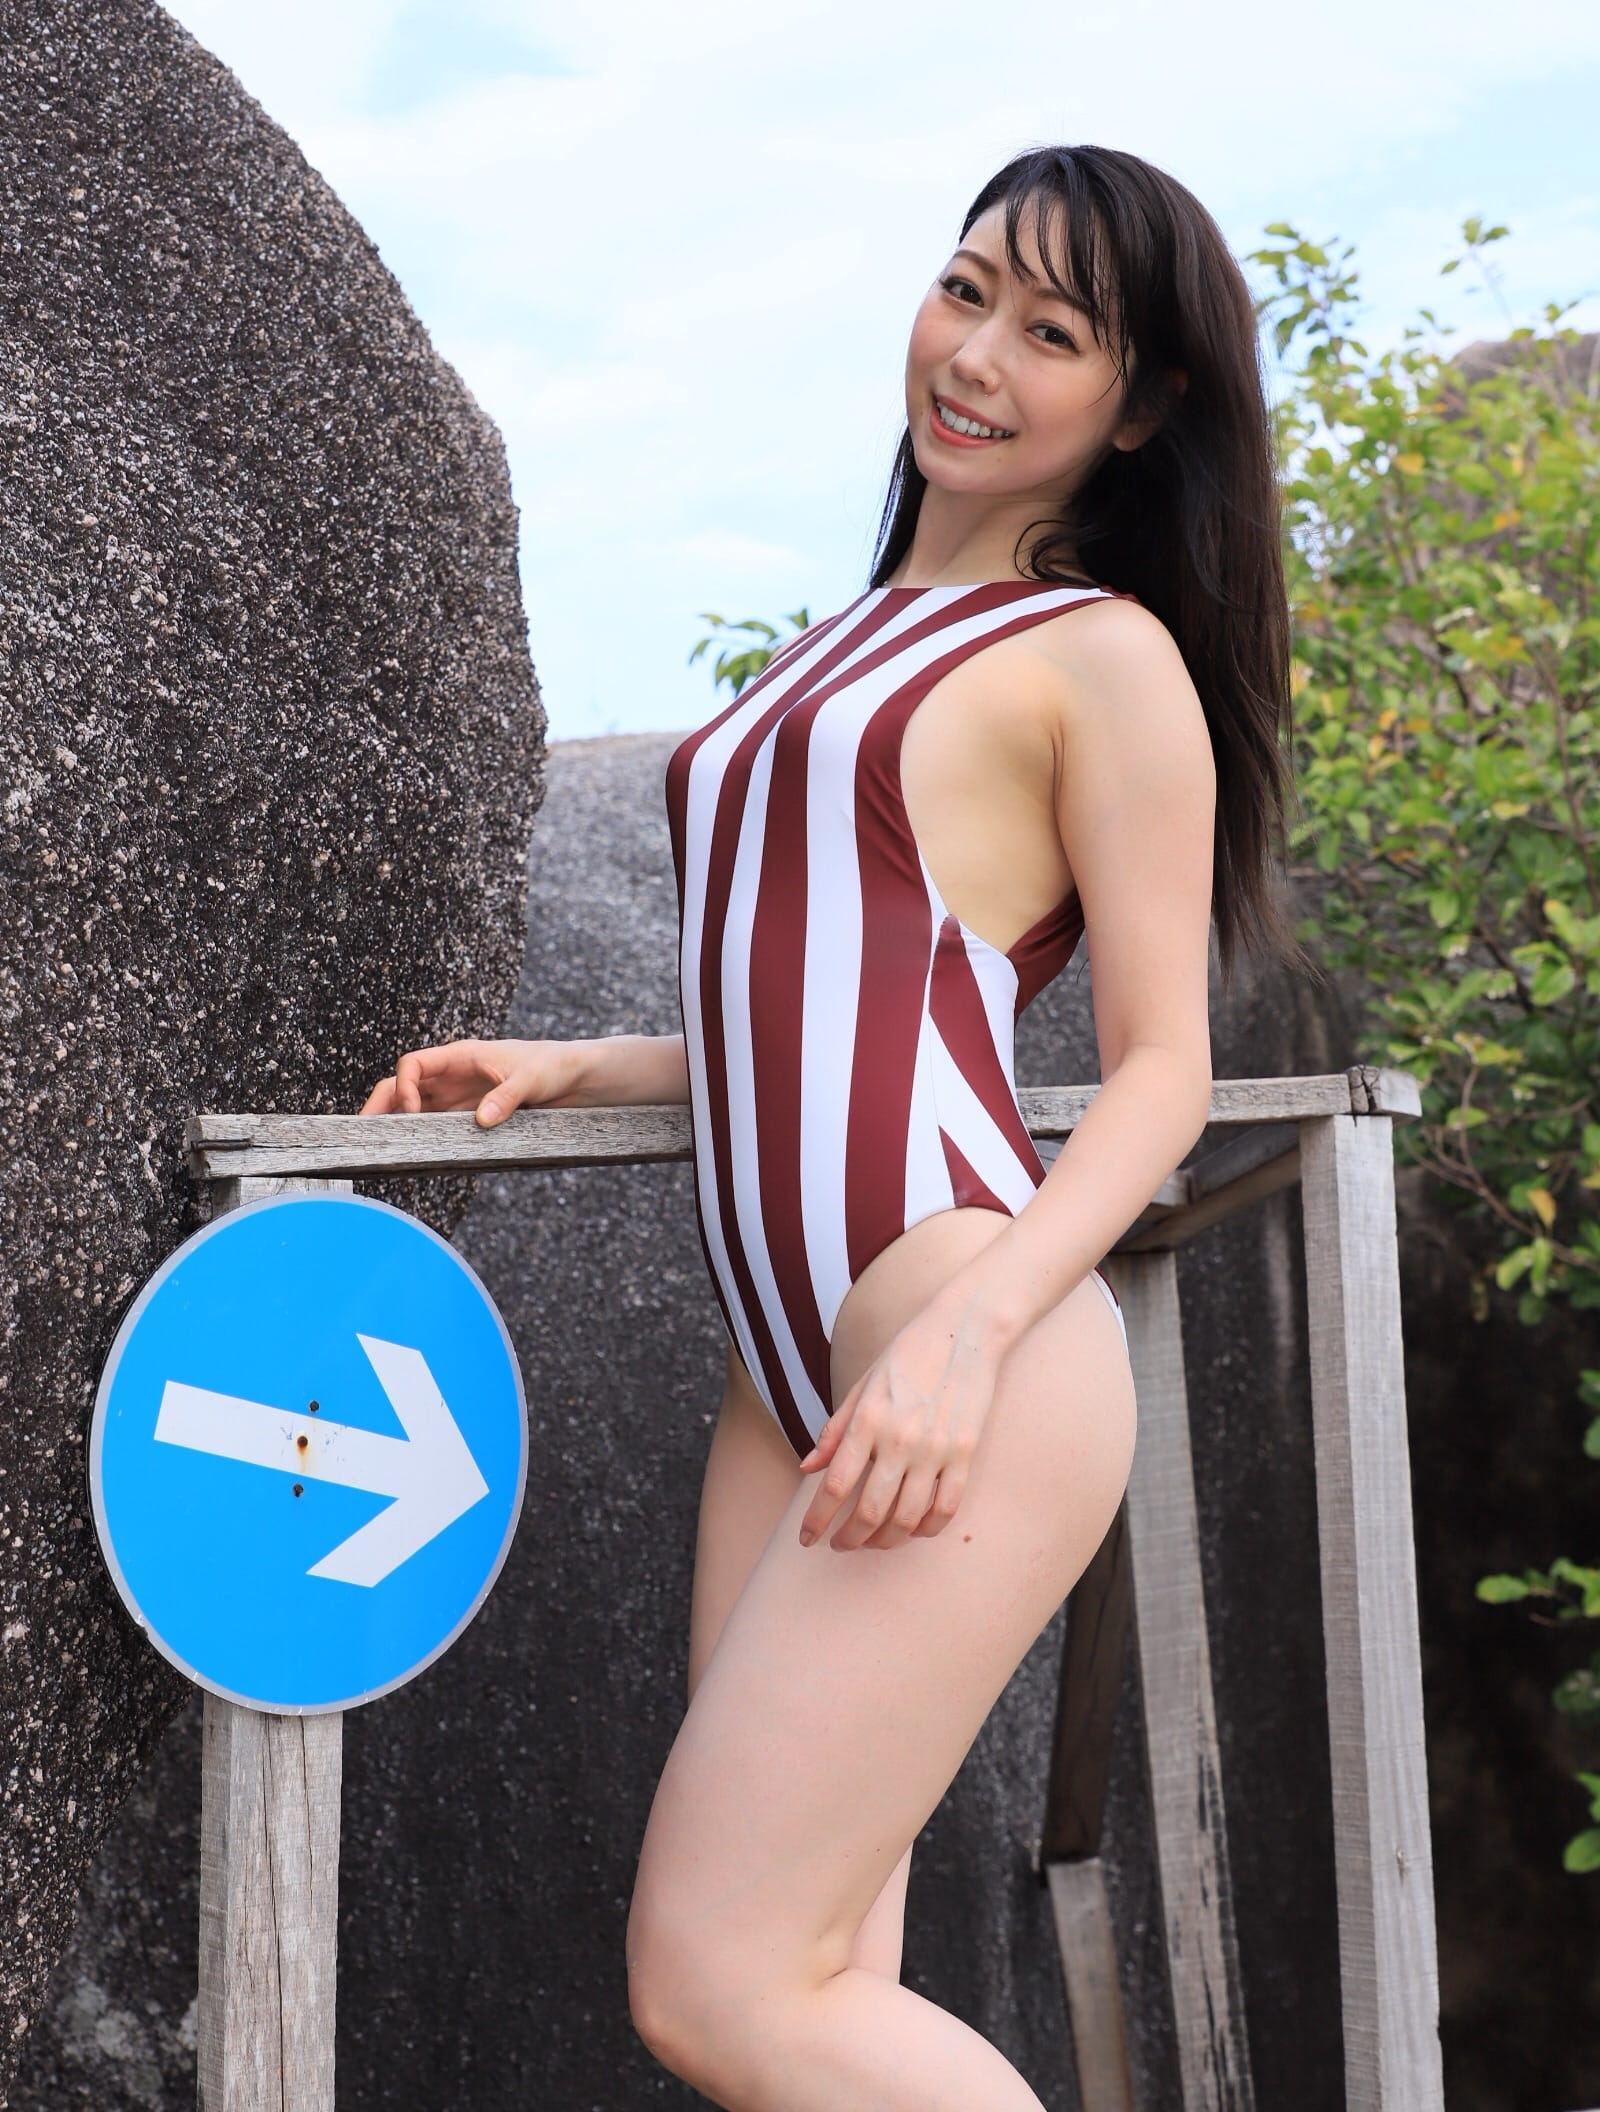 「【 ◯◯といえば 】」04/09(04/09) 23:11 | 麗香(レイカ)の写メ・風俗動画